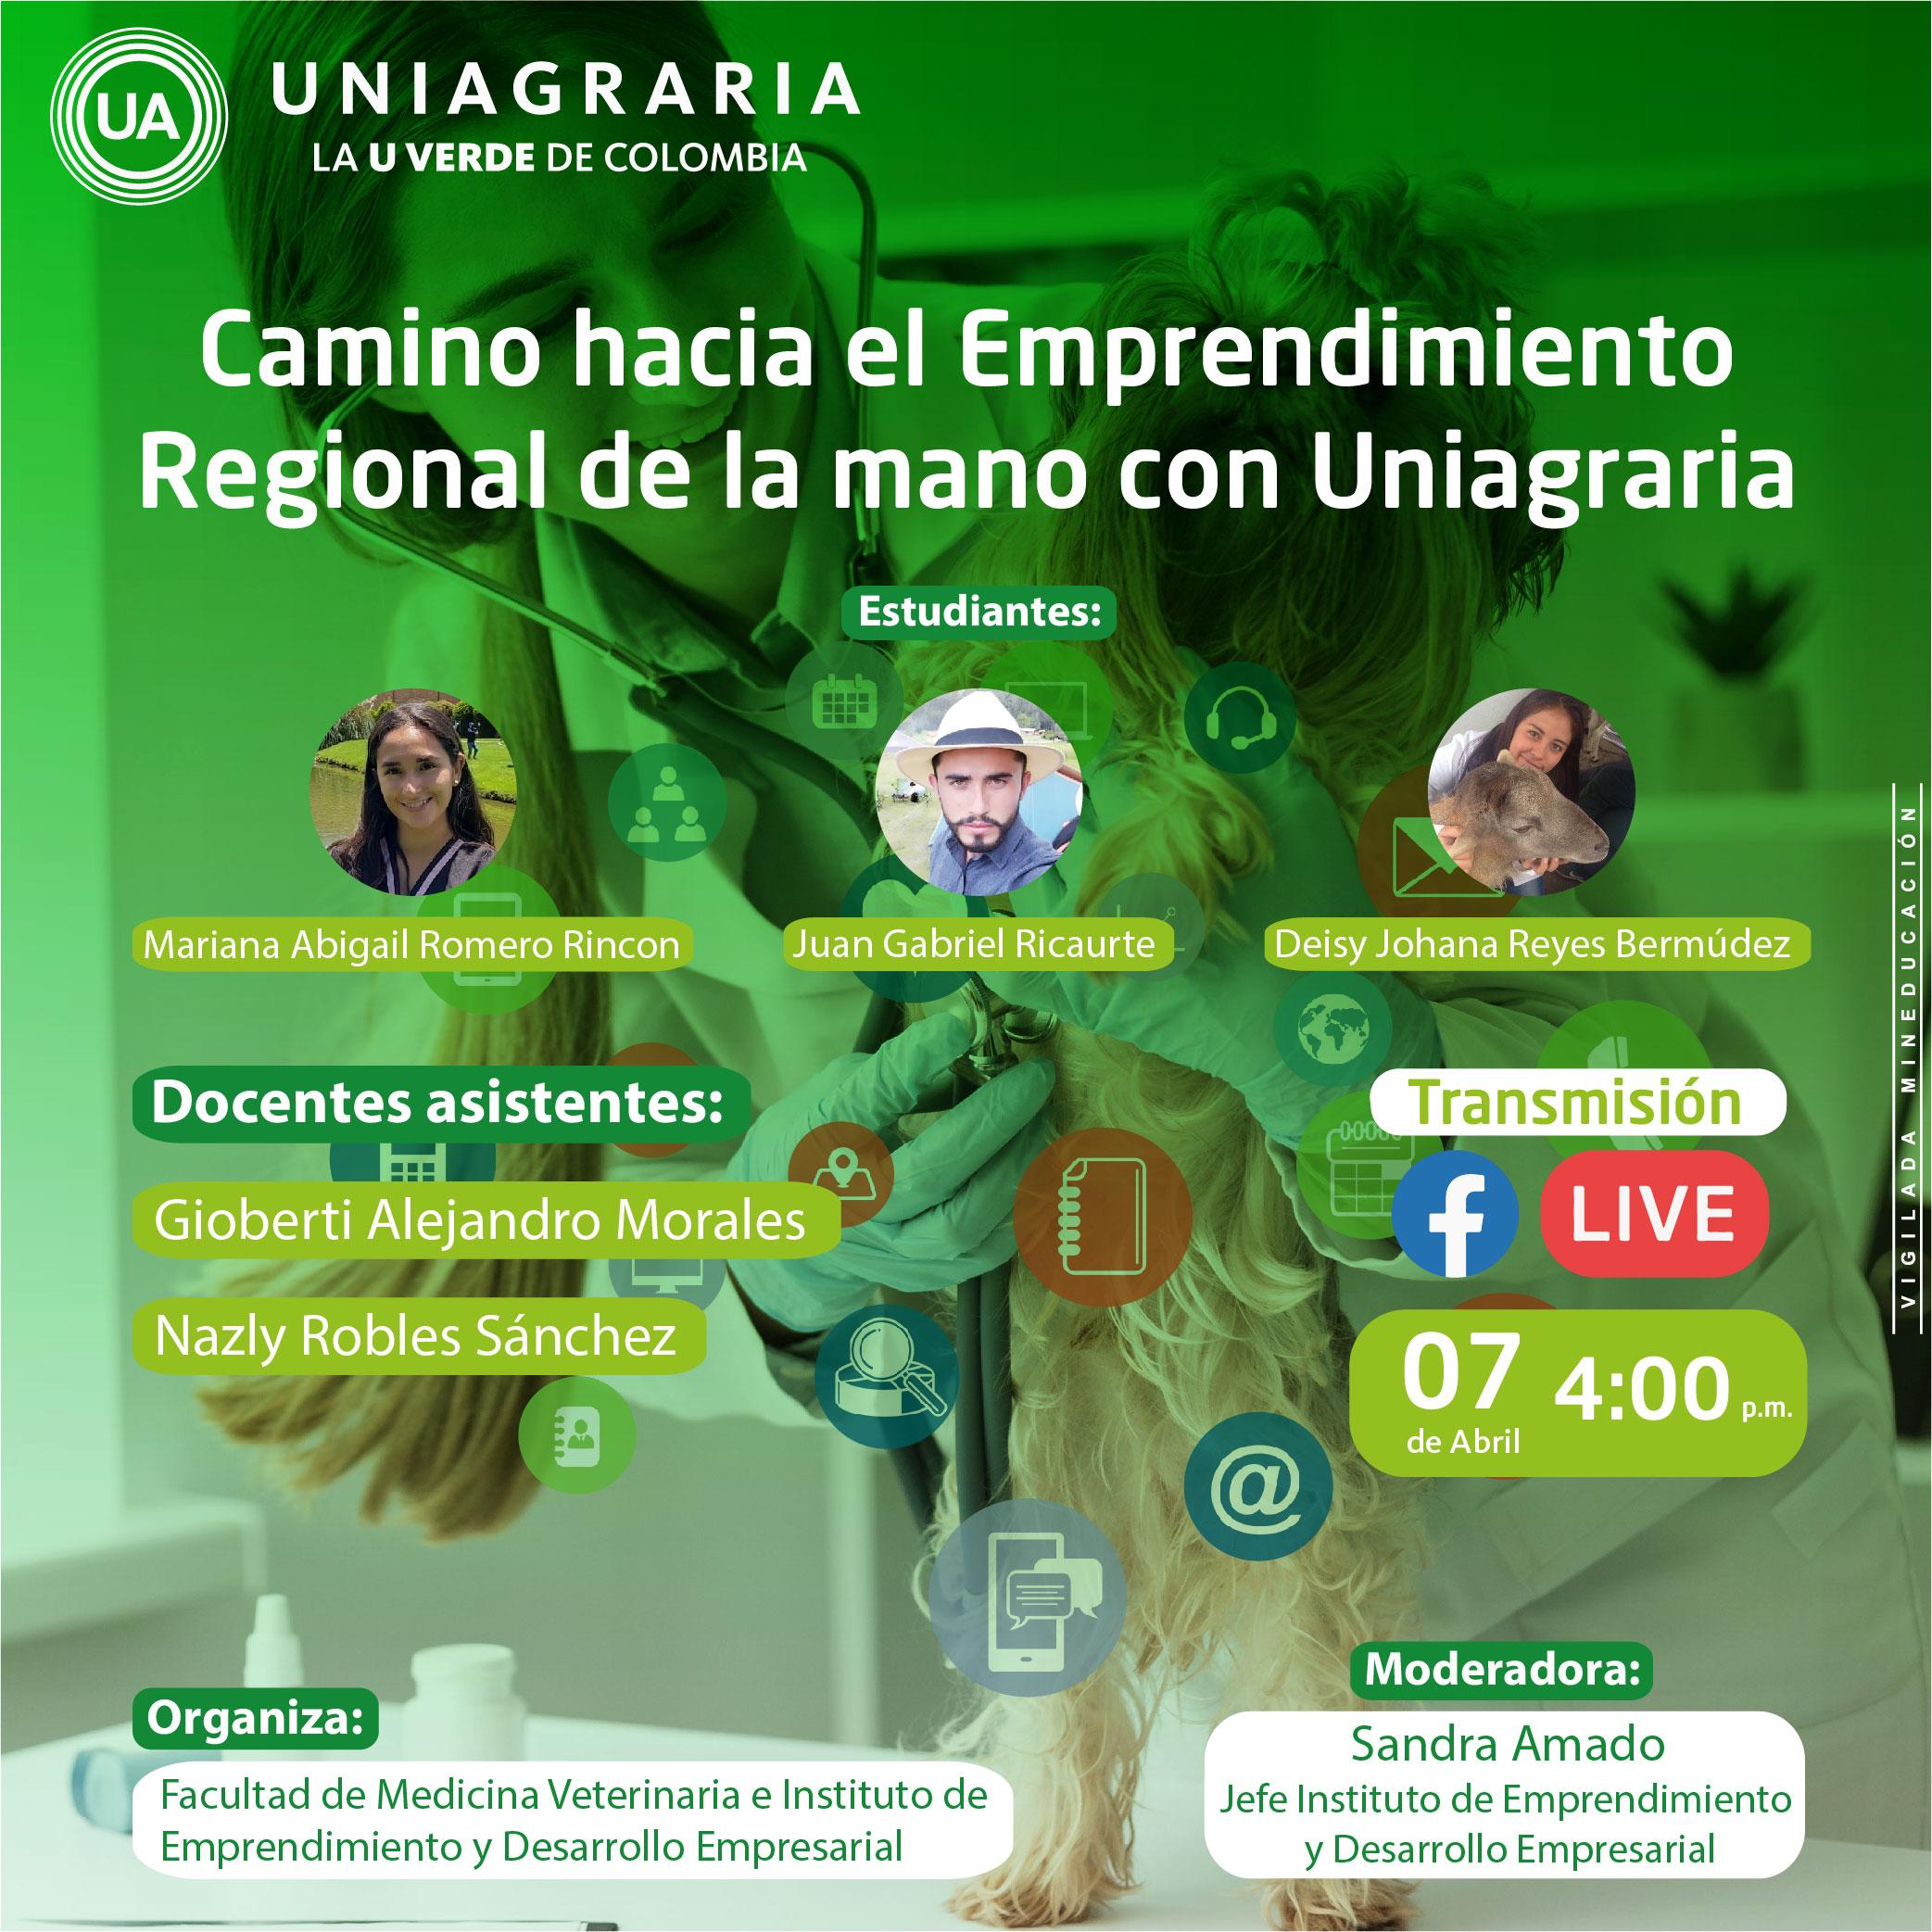 Camino hacia el Emprendimiento Regional de la mano con Uniagraria